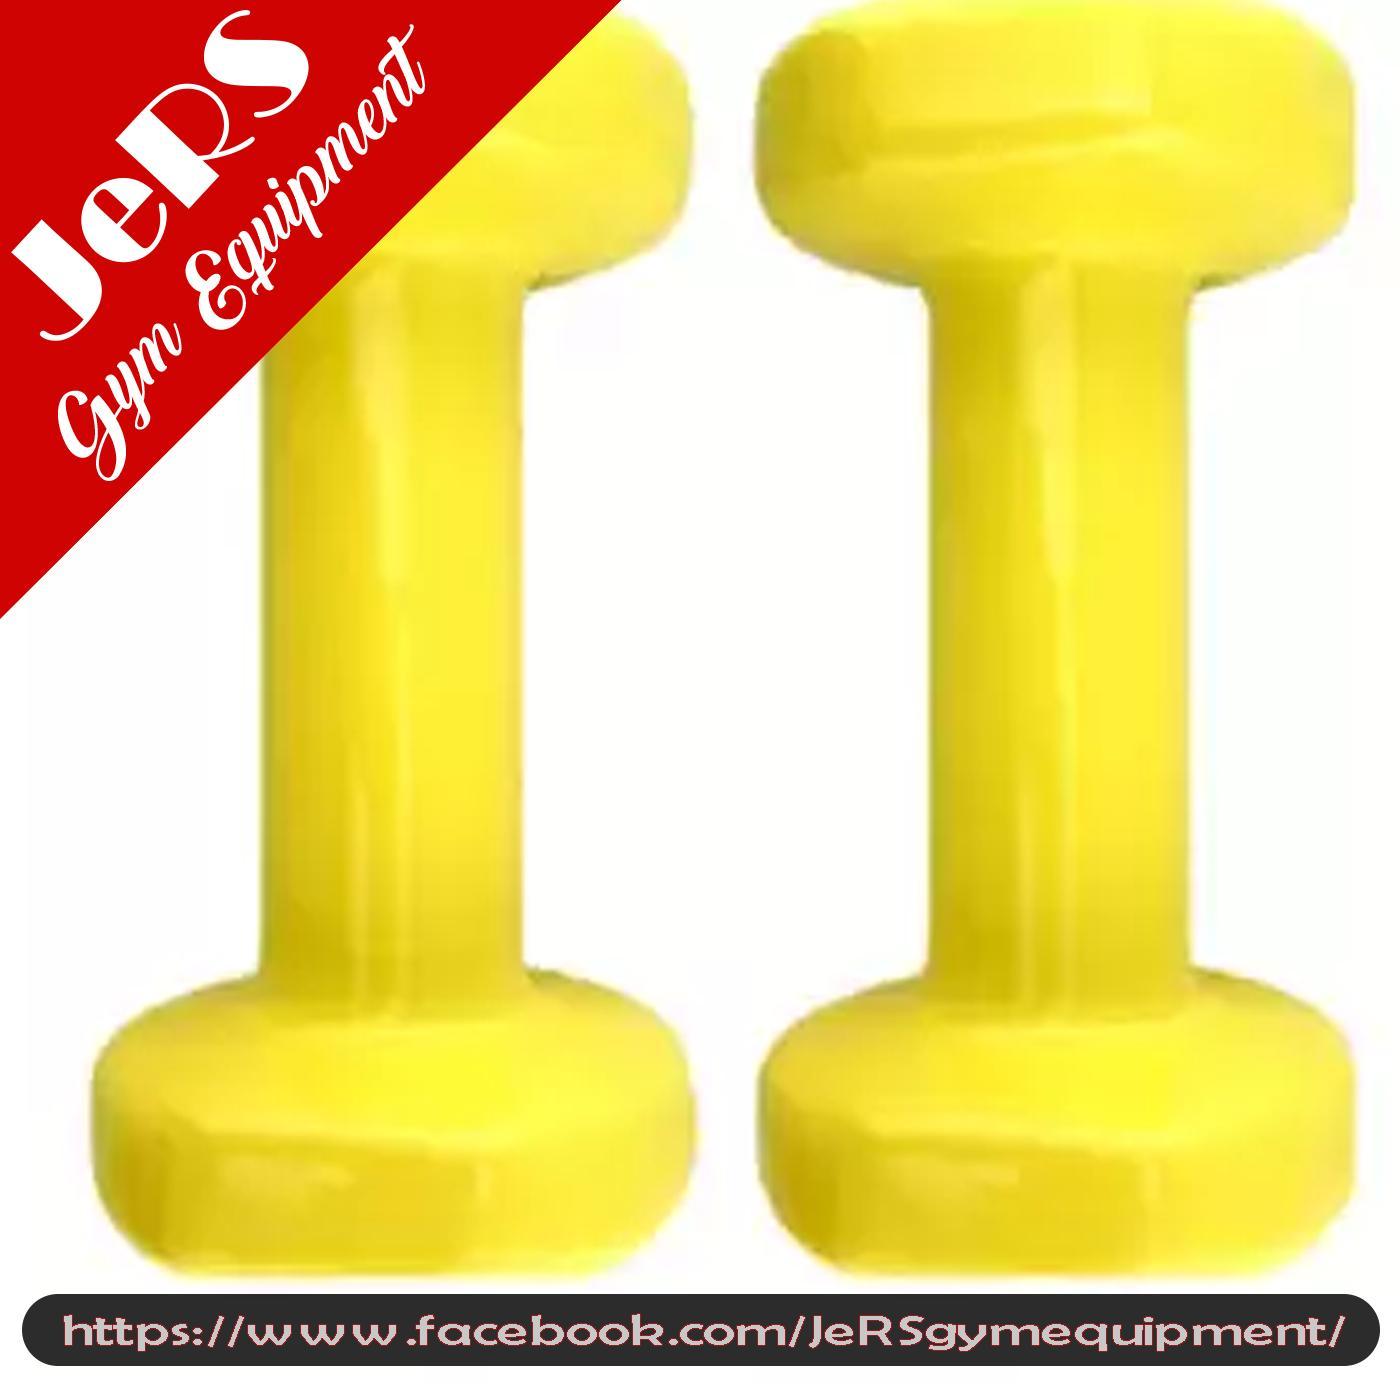 Dumbbells For Sale Dumbbell Set Online Brands Prices Reviews In Baarbeel 5kg 1lb Vinyl